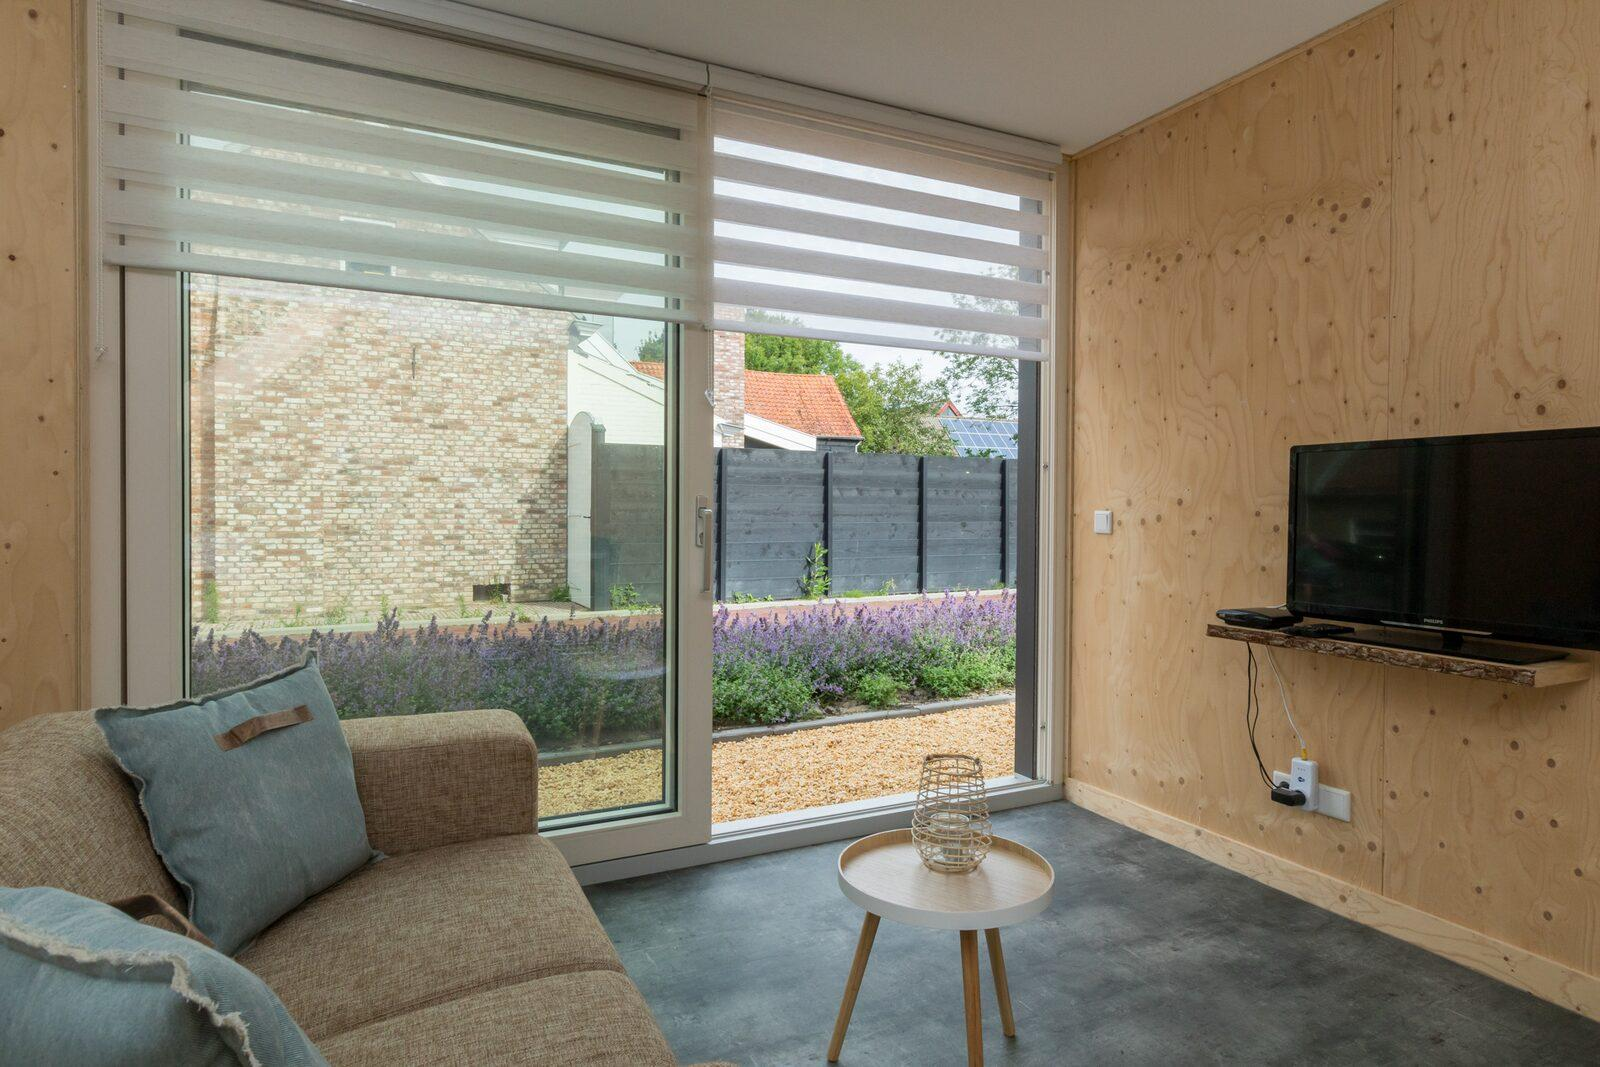 Ferienhaus für 4 Personen ca 55 m² in Oostkapelle Zeeland Küste von Zeeland